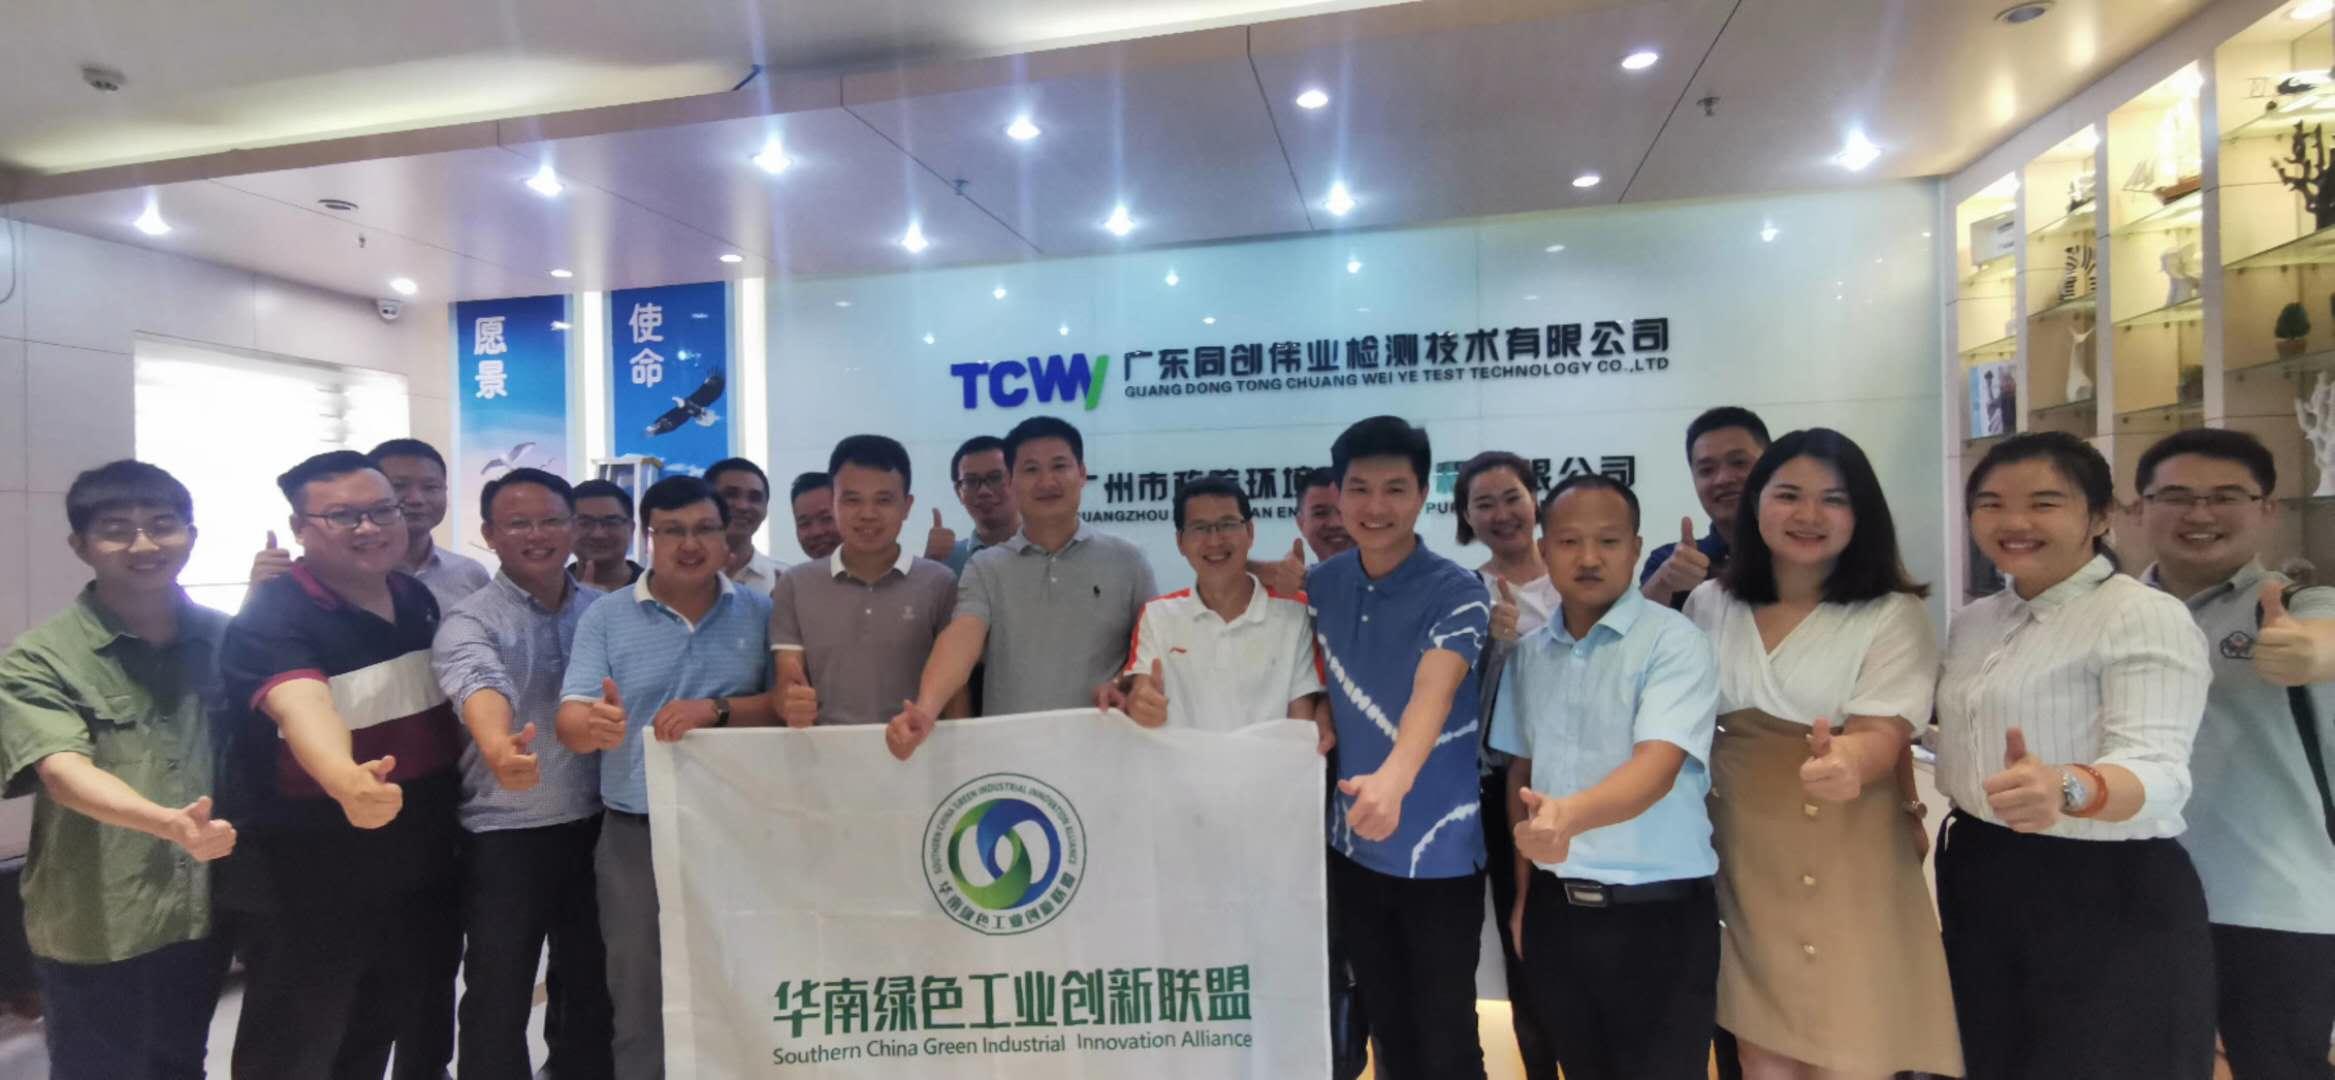 华南绿色工业创新联盟 环境检测与监测沙龙会